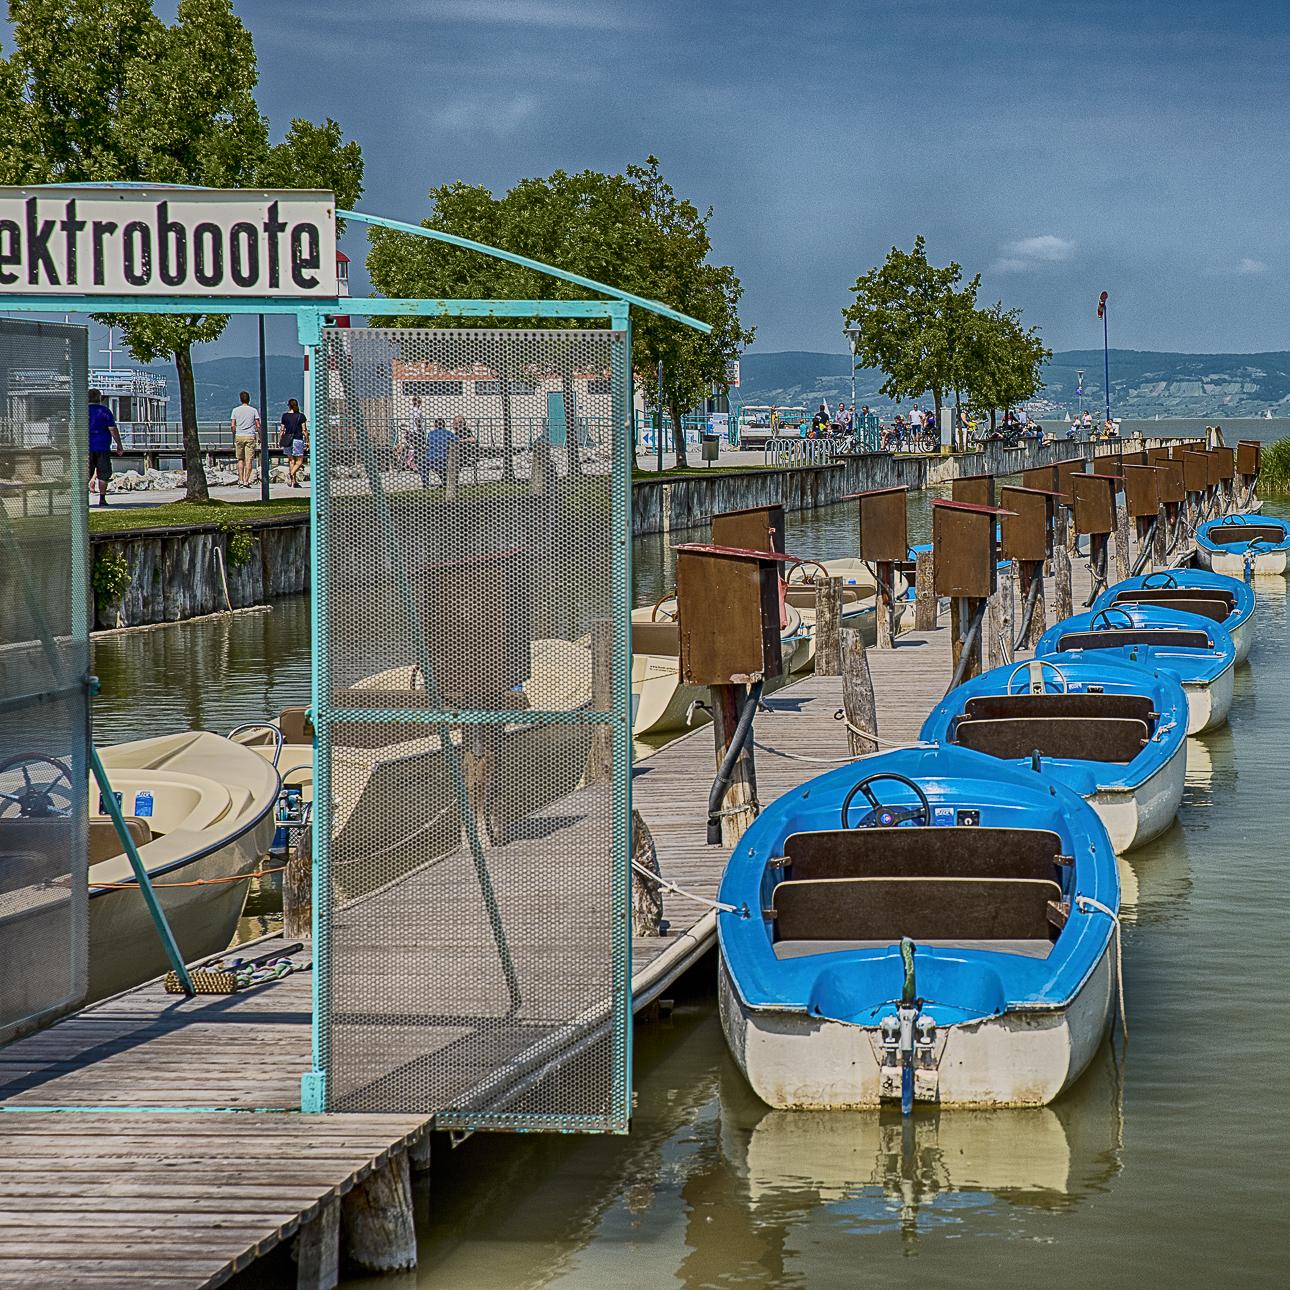 Fotospots fr Fotokurse in Wien und Fotografietipps und Tutorials 2